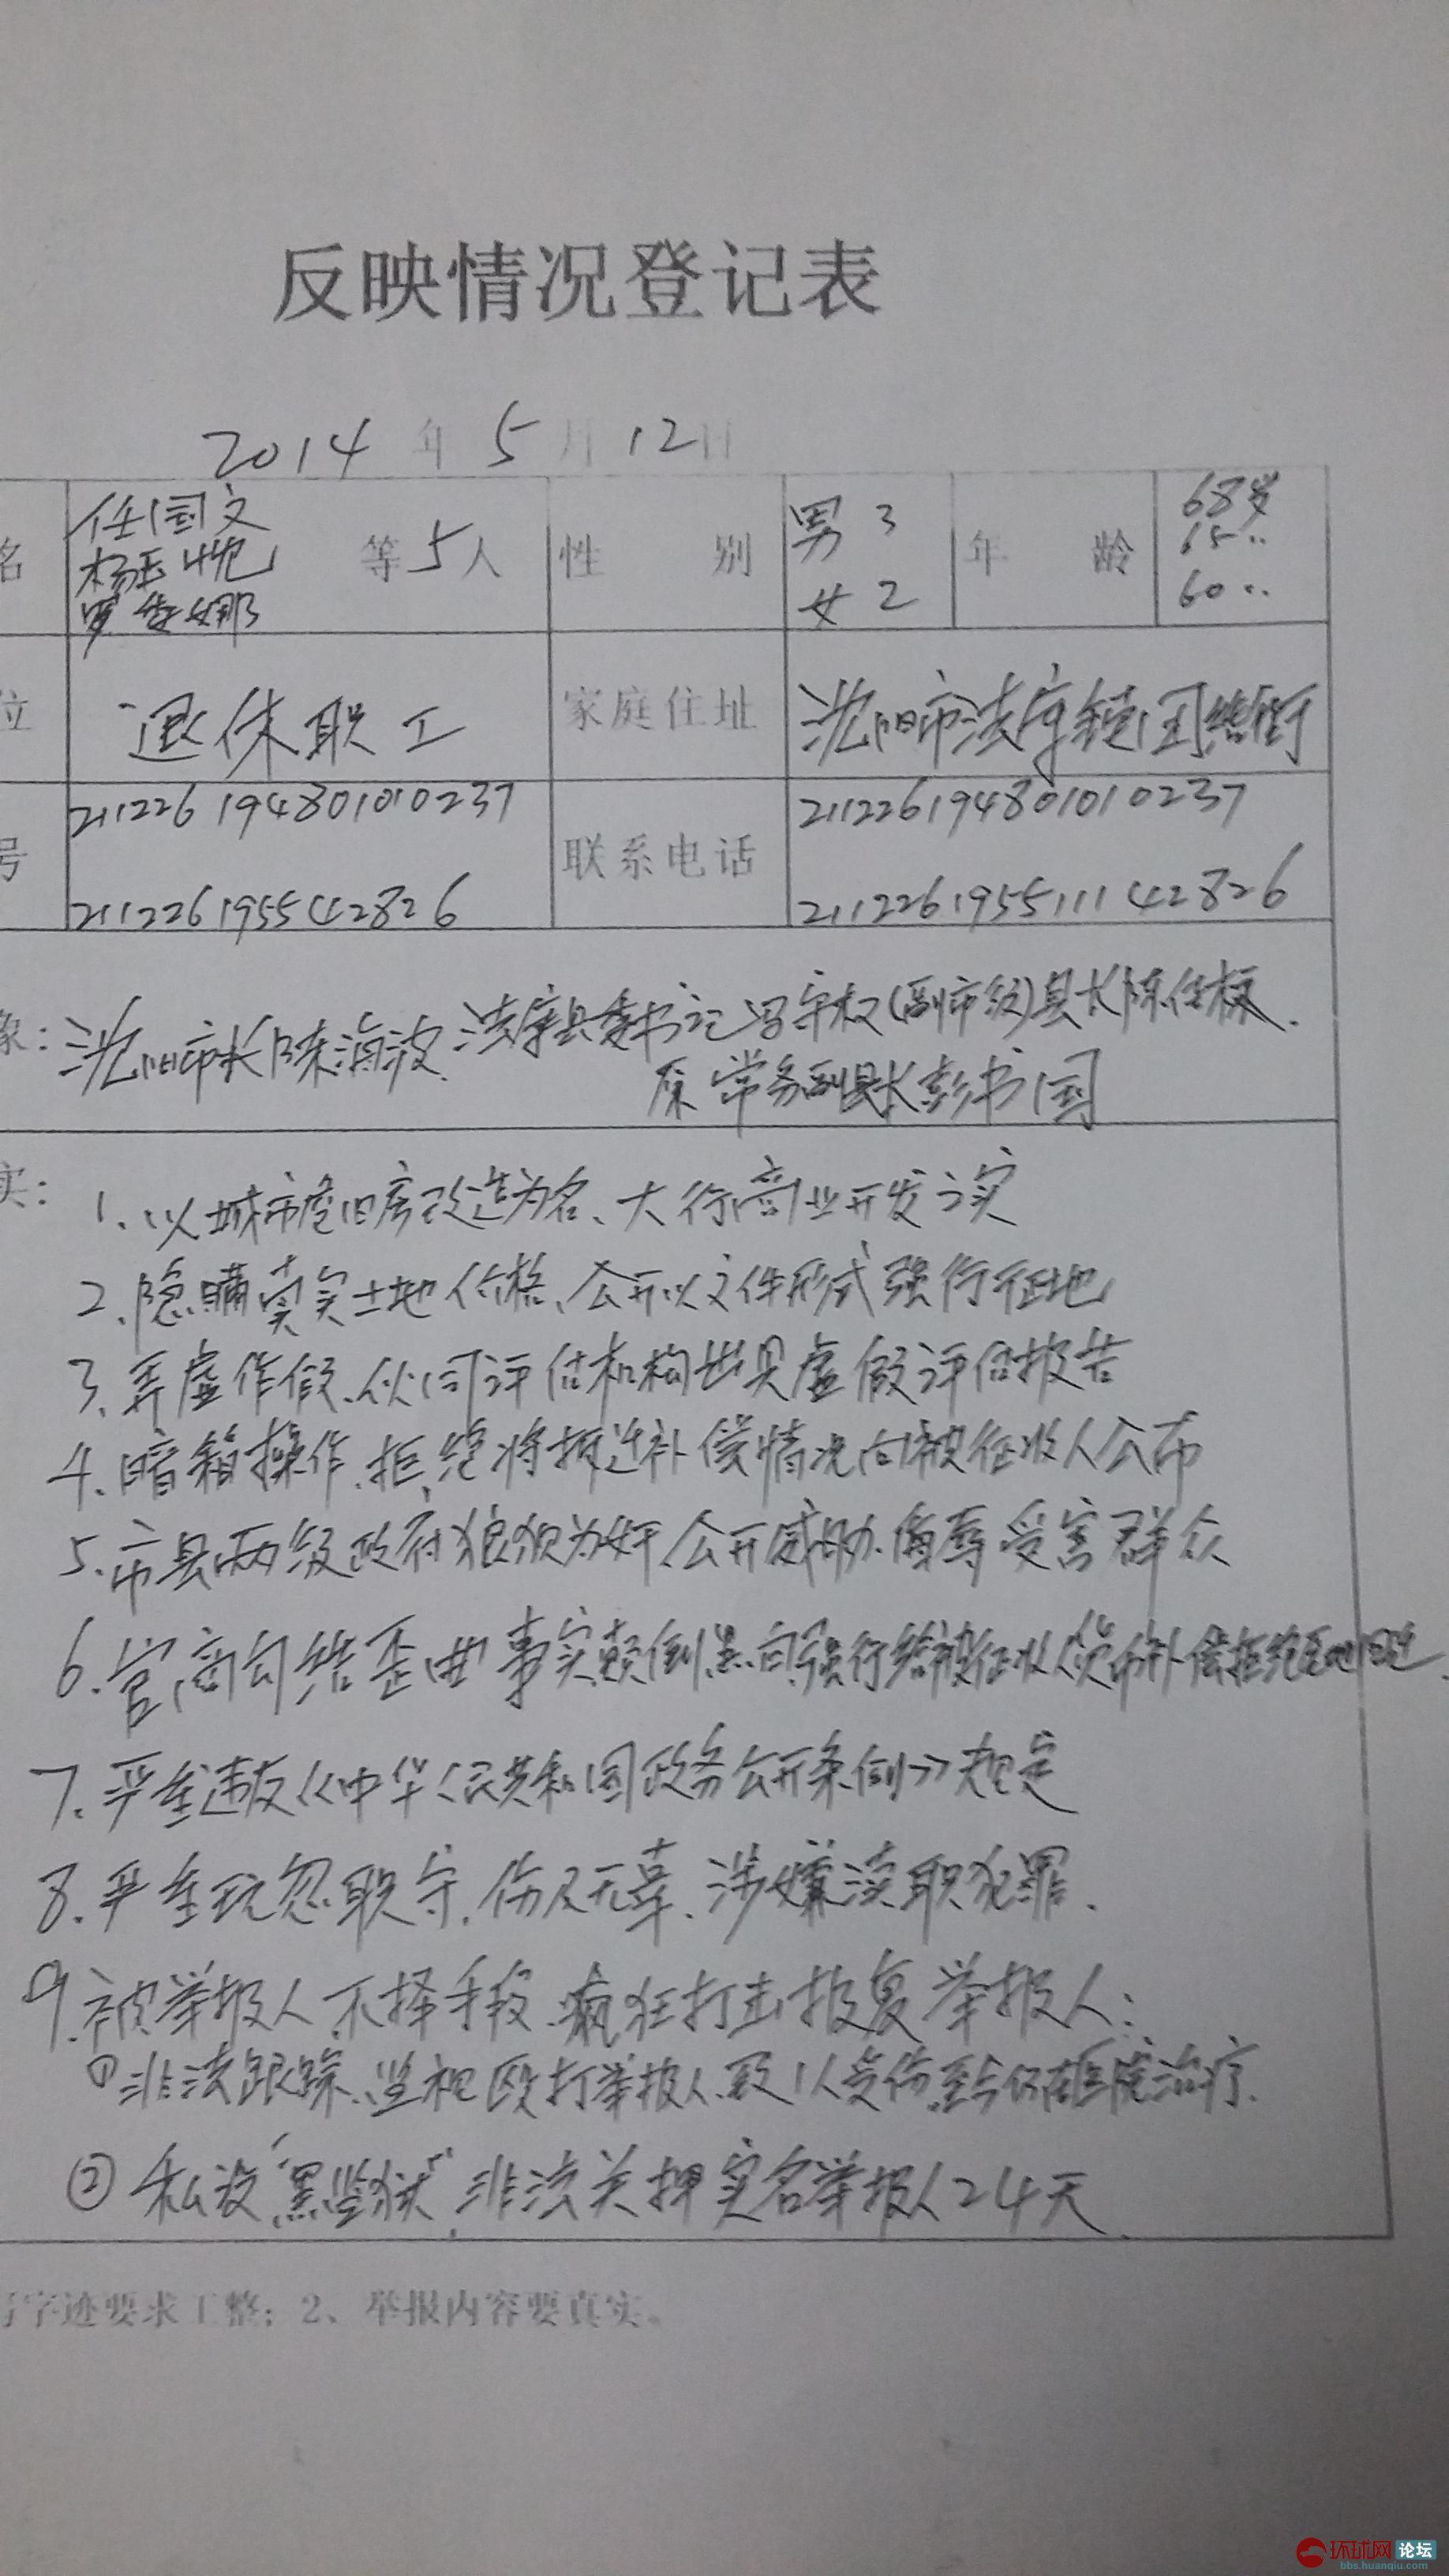 中央巡视组反映情况登记表